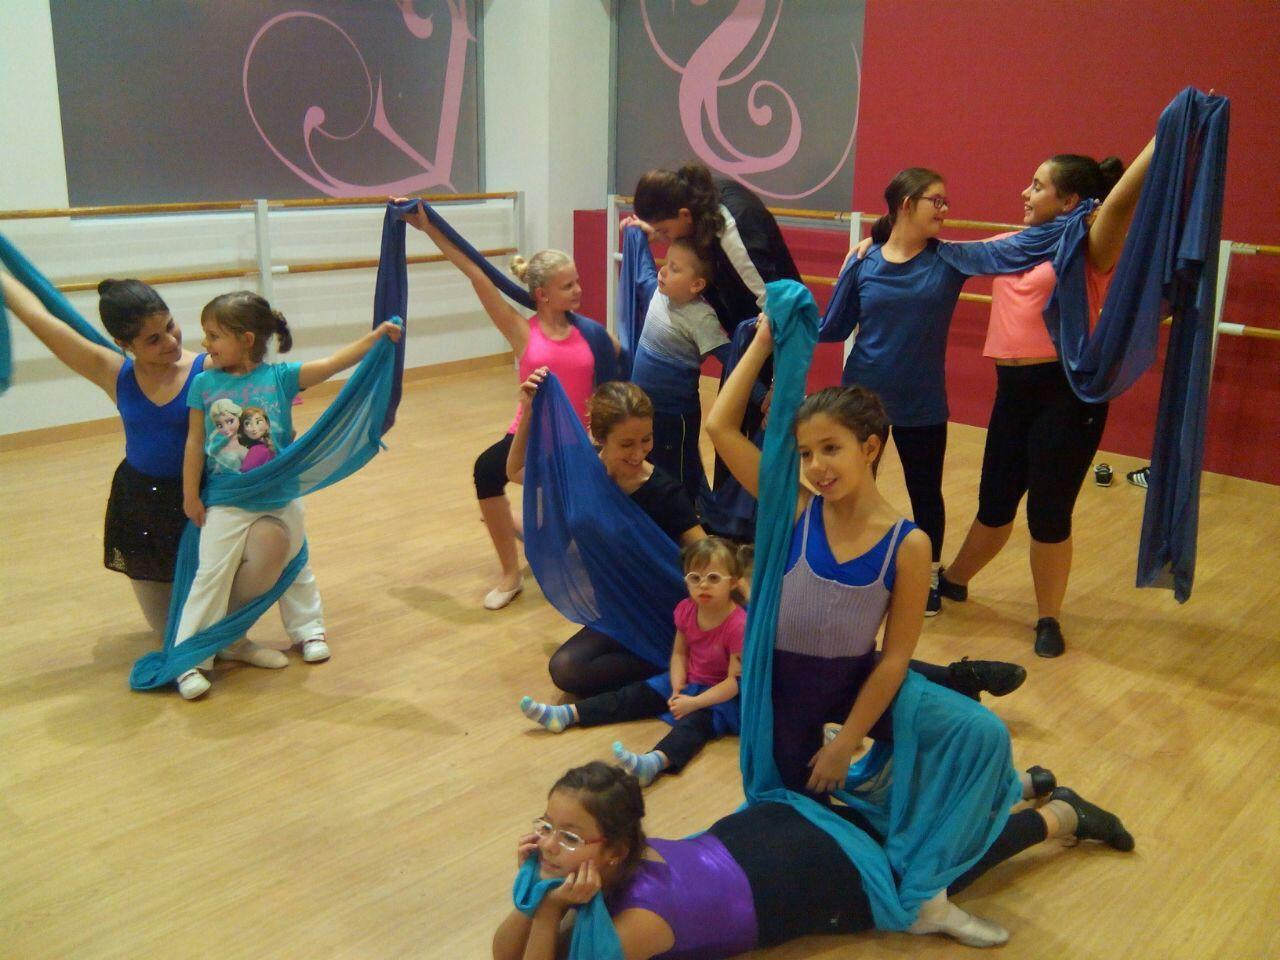 Danzaterapia:La expresión del cuerpo y la mente #salud http://blgs.co/WxiCr2